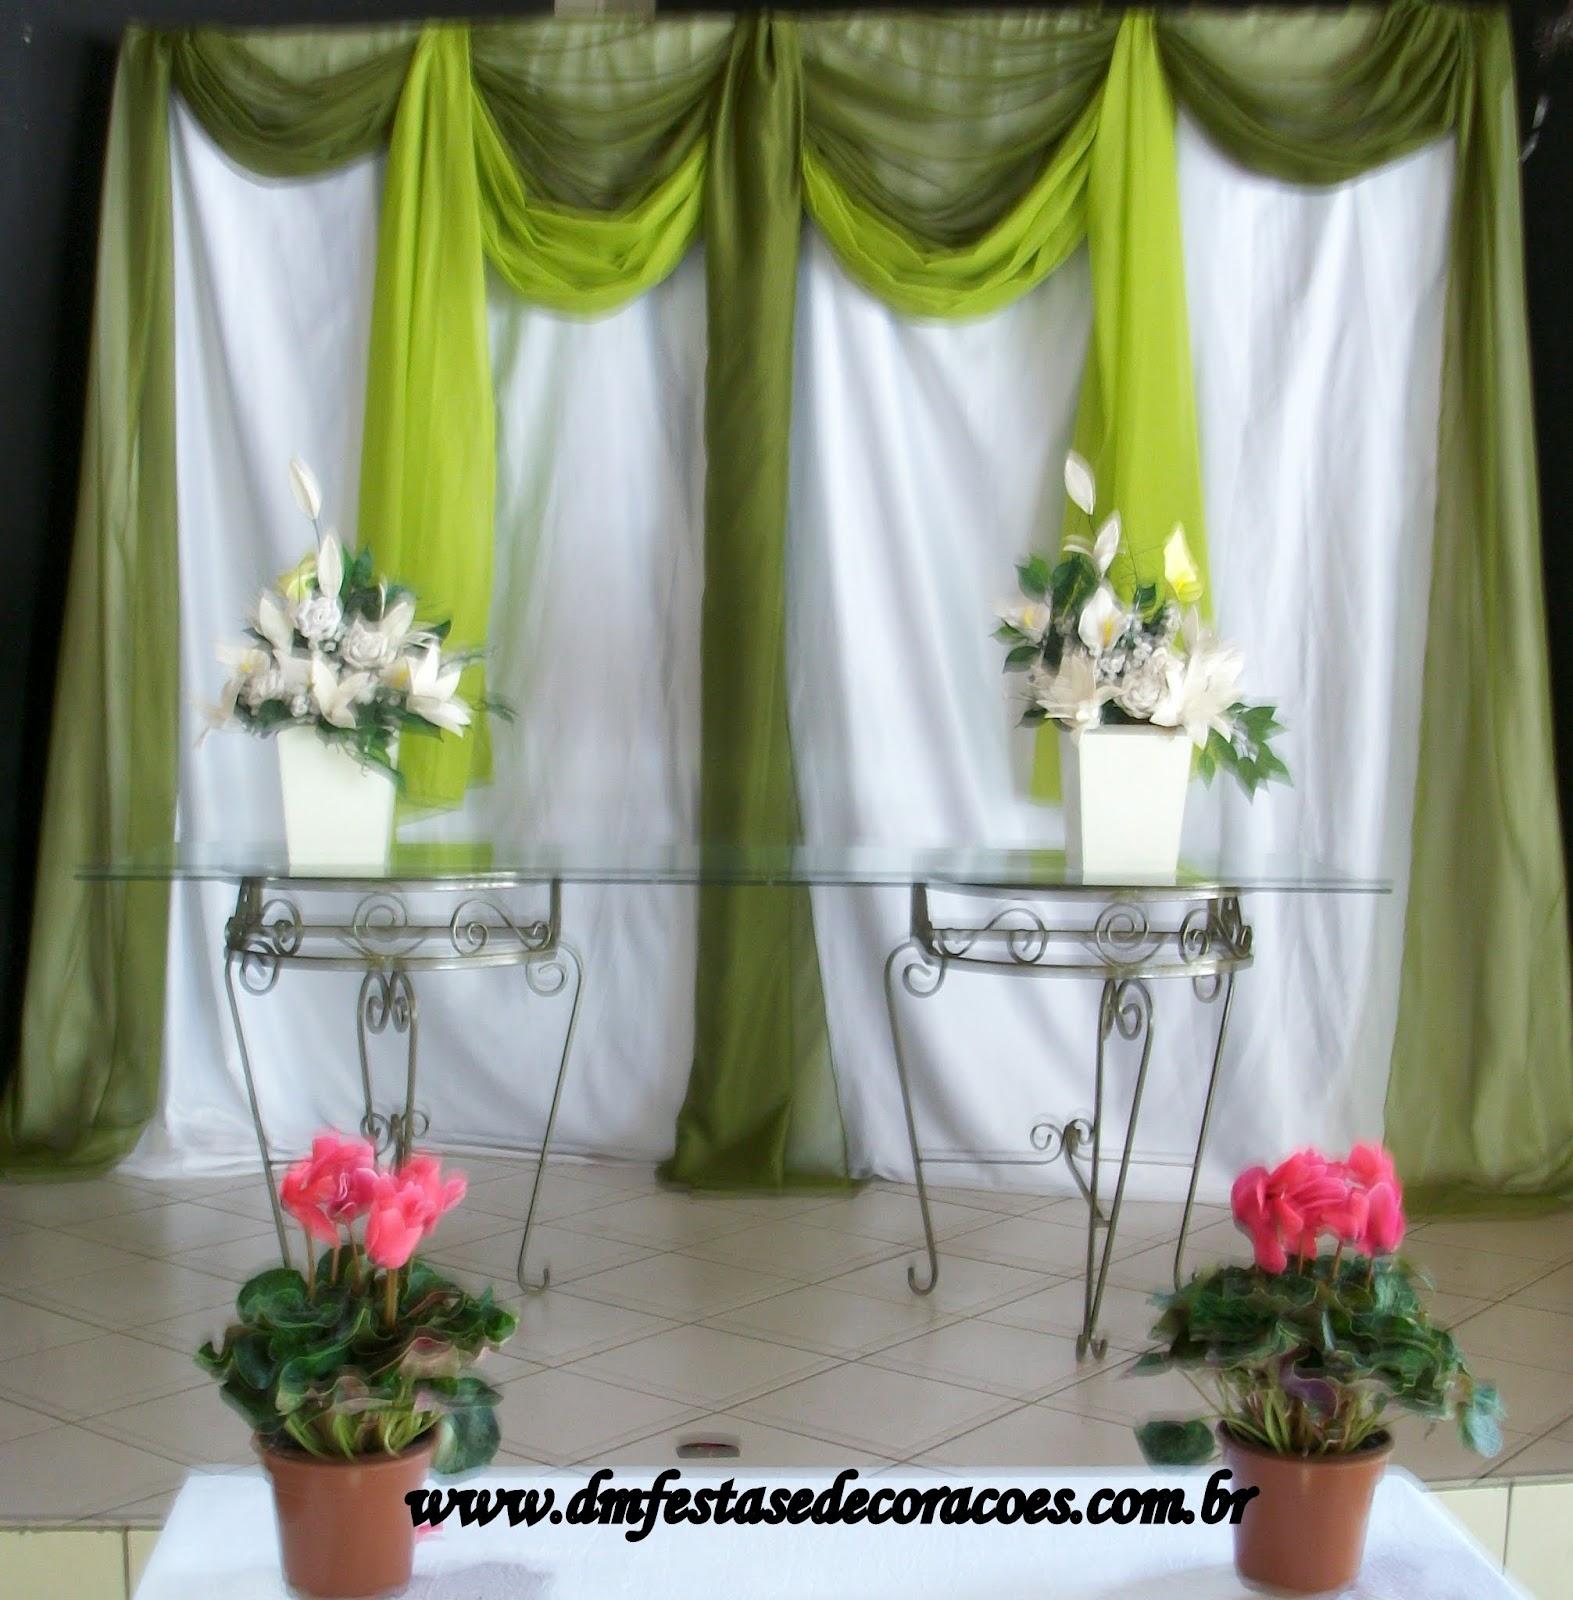 Dm festas e decorações Painel de casamento verde musgo ,verde